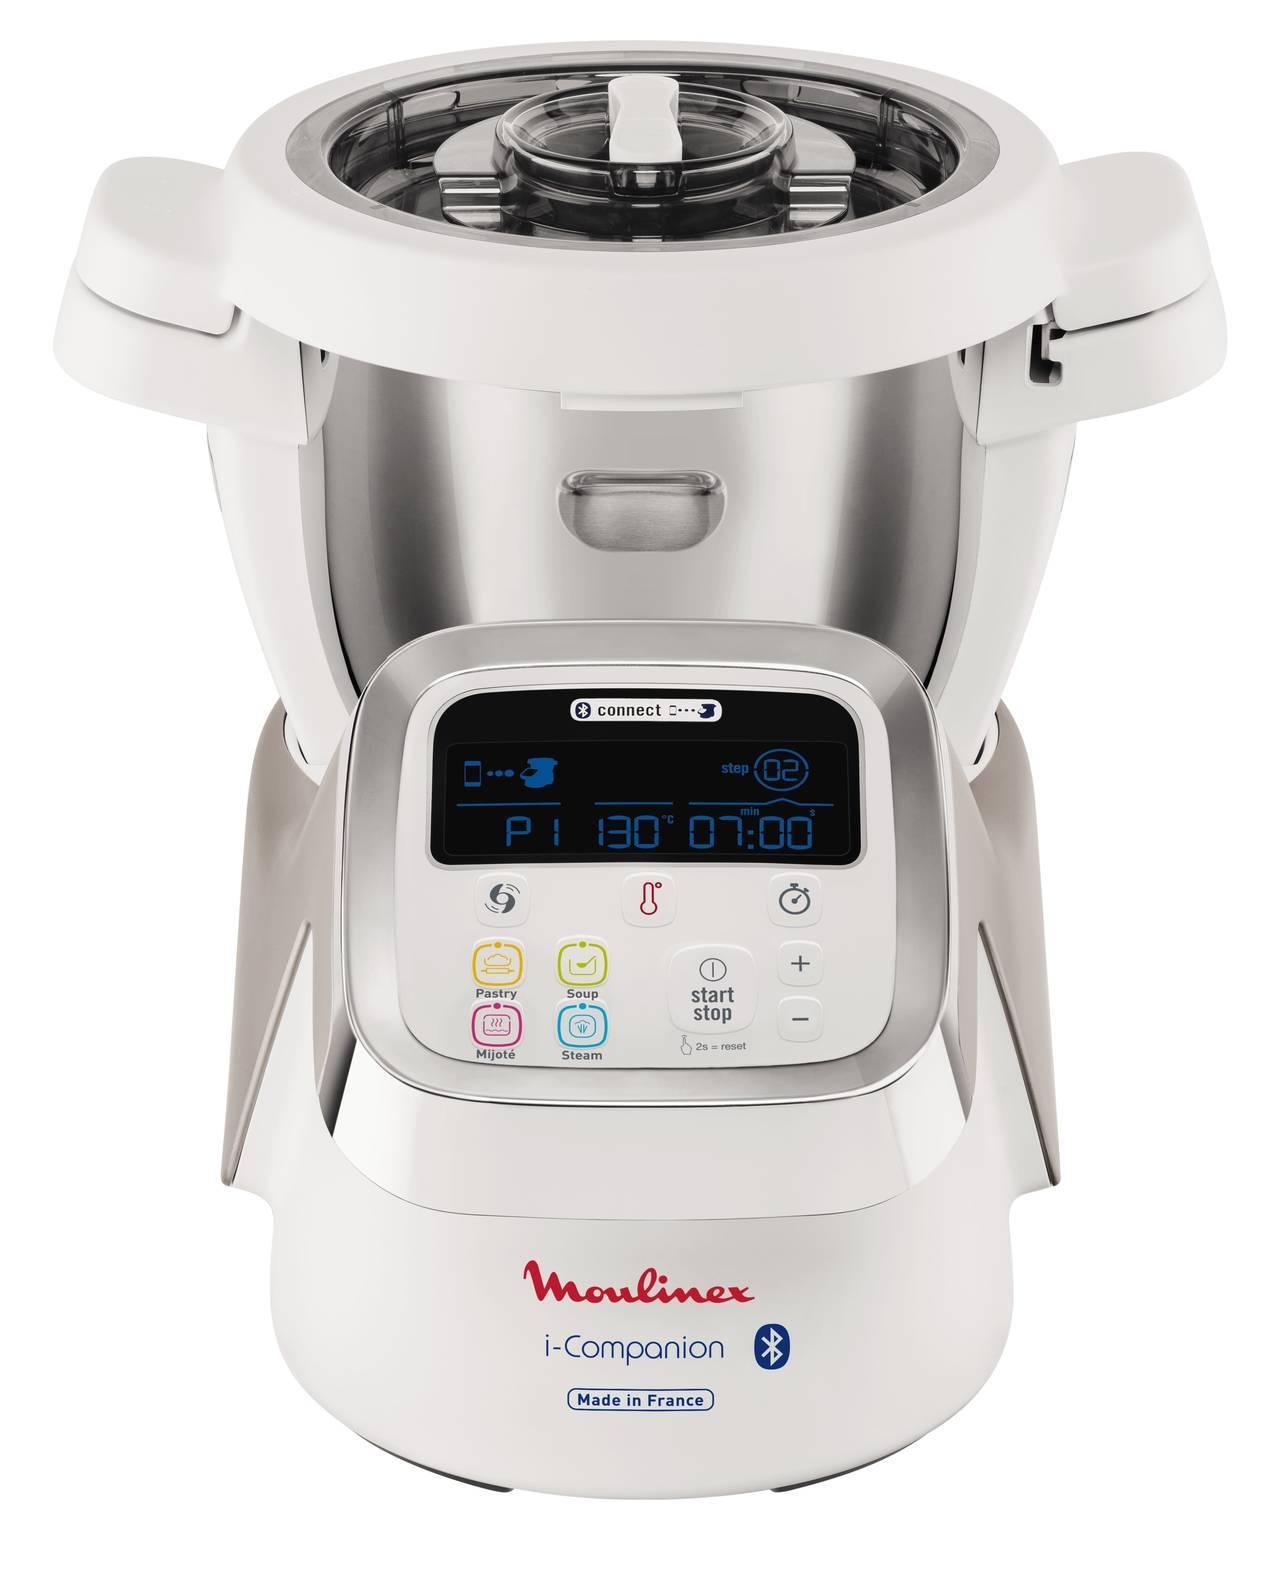 Moulinex hf9001 i companion robot da cucina con funzione cottura brands award - Robot da cucina con cottura ...